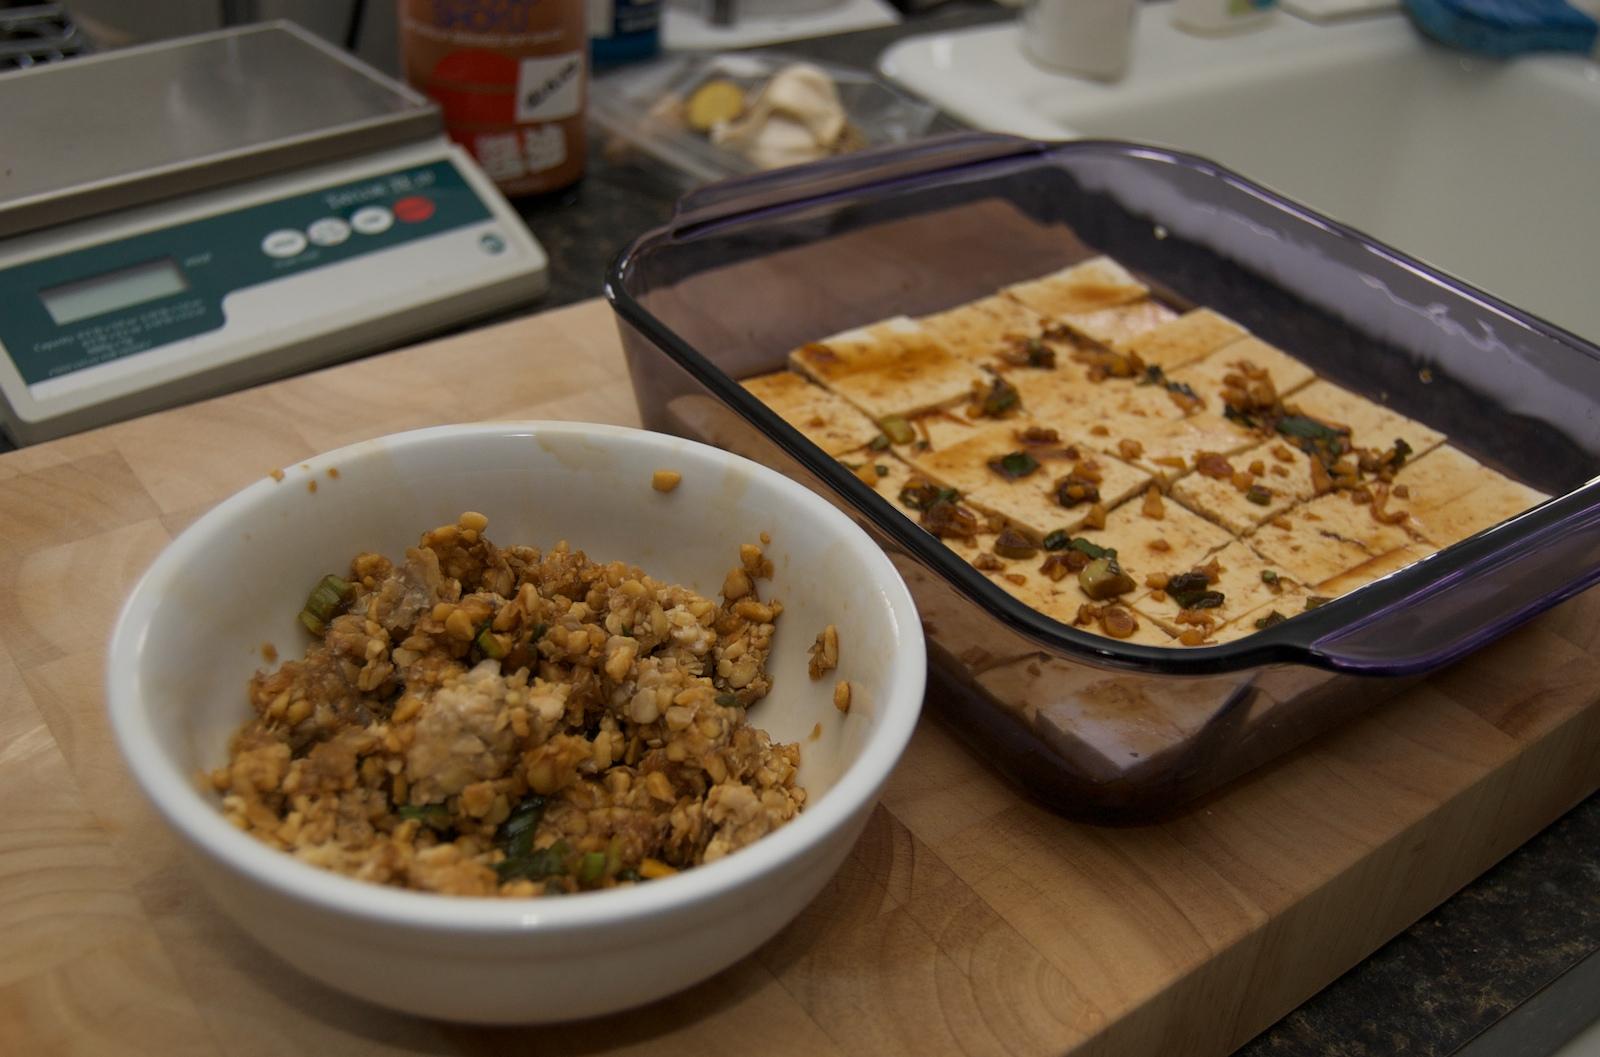 http://blog.rickk.com/food/2010/01/12/DSC_0002.jpg